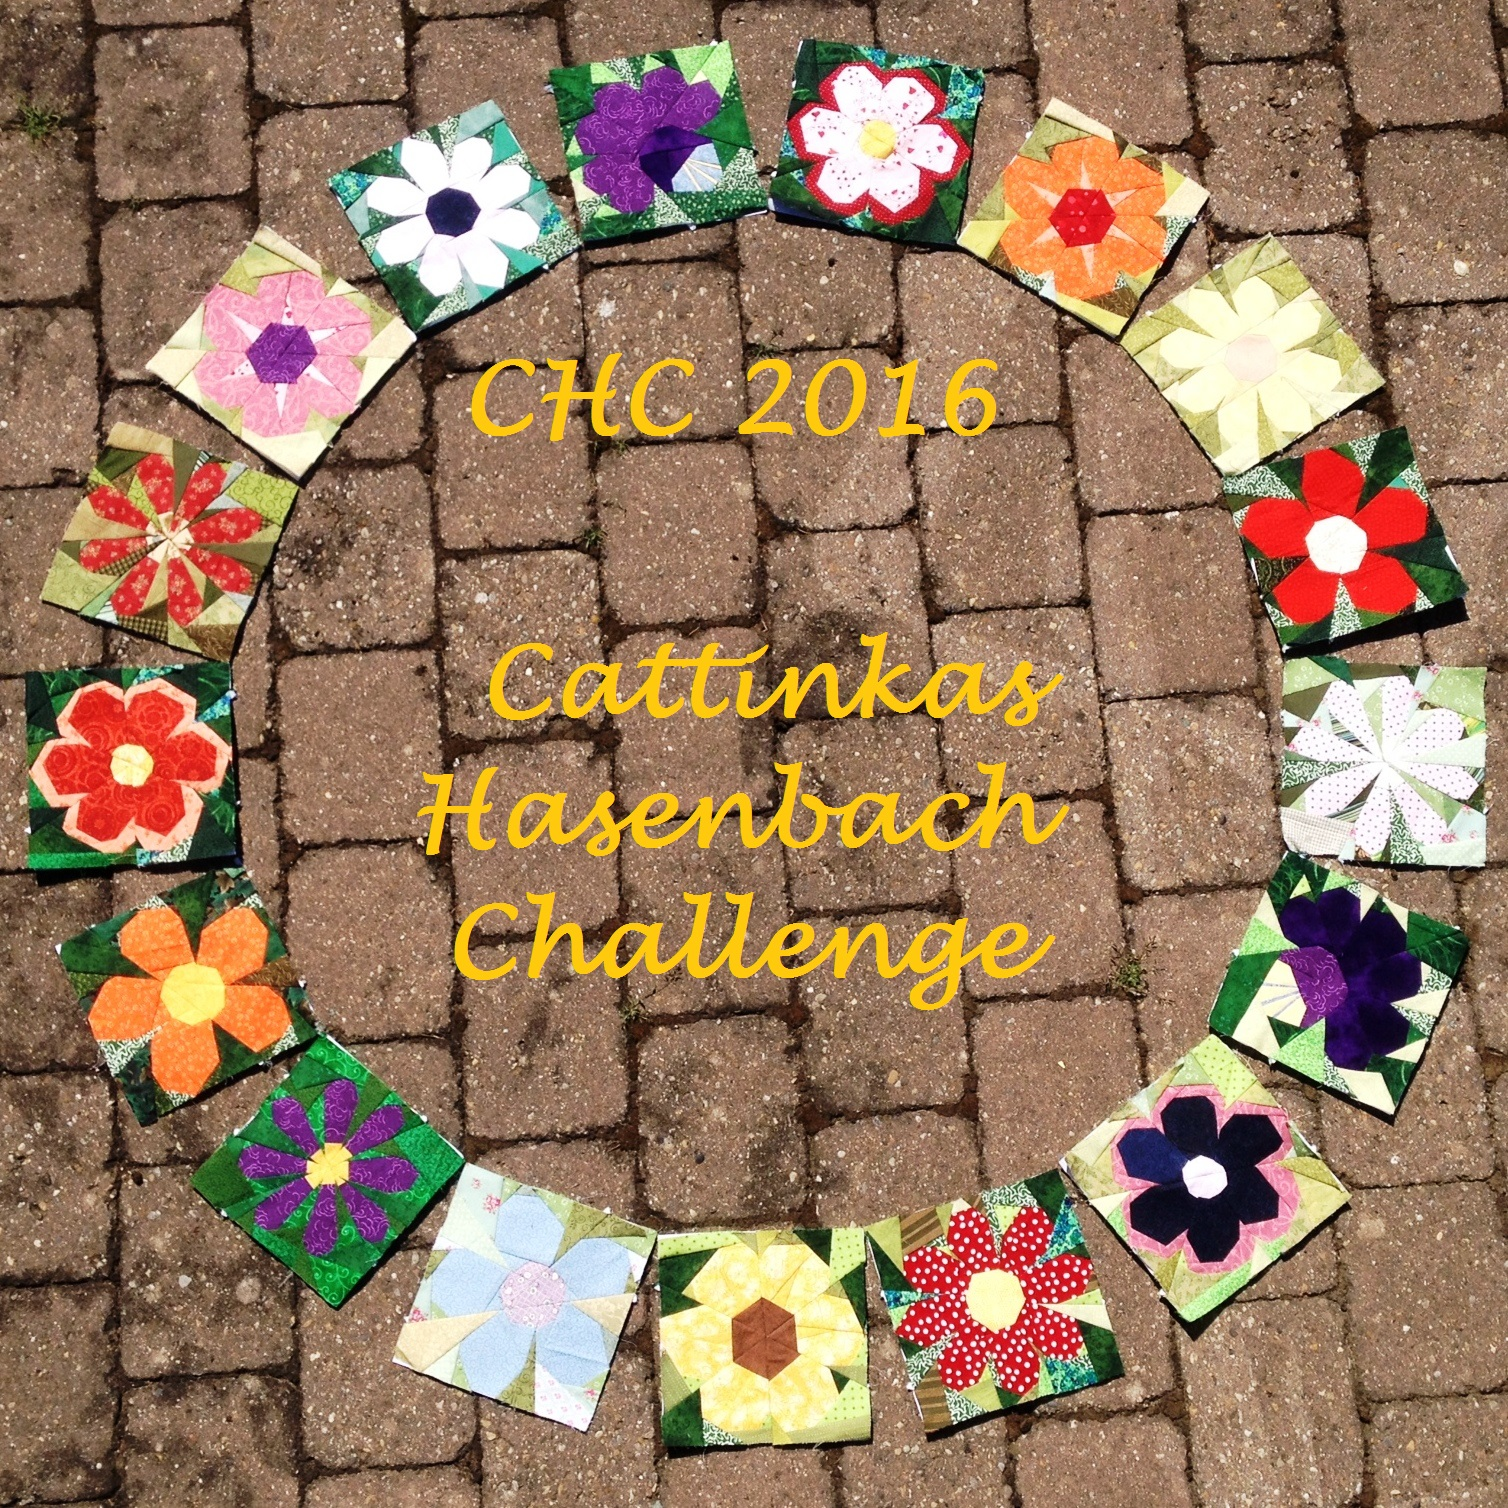 Hasenbach Challenge